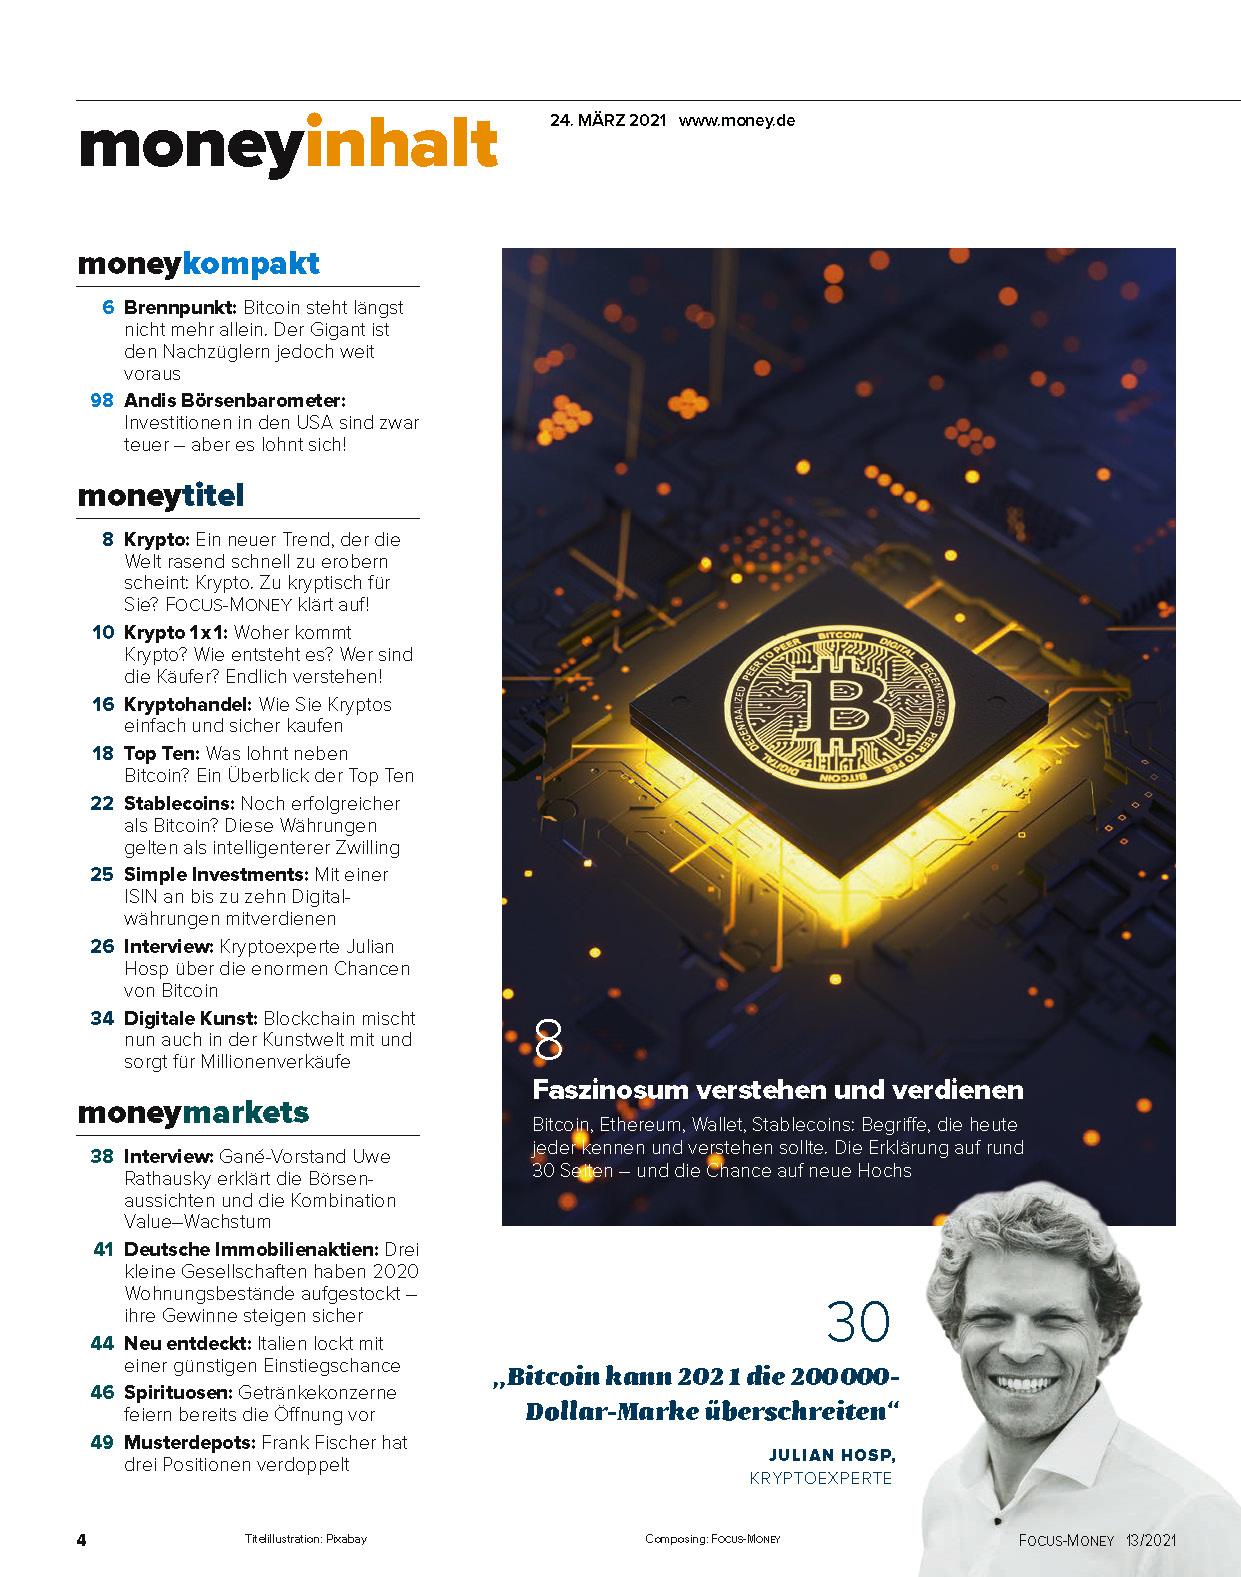 FOCUS-MONEY FOCUS MONEY – Kryptowährungen: Endlich alles verstehen! Endlich mitverdienen!